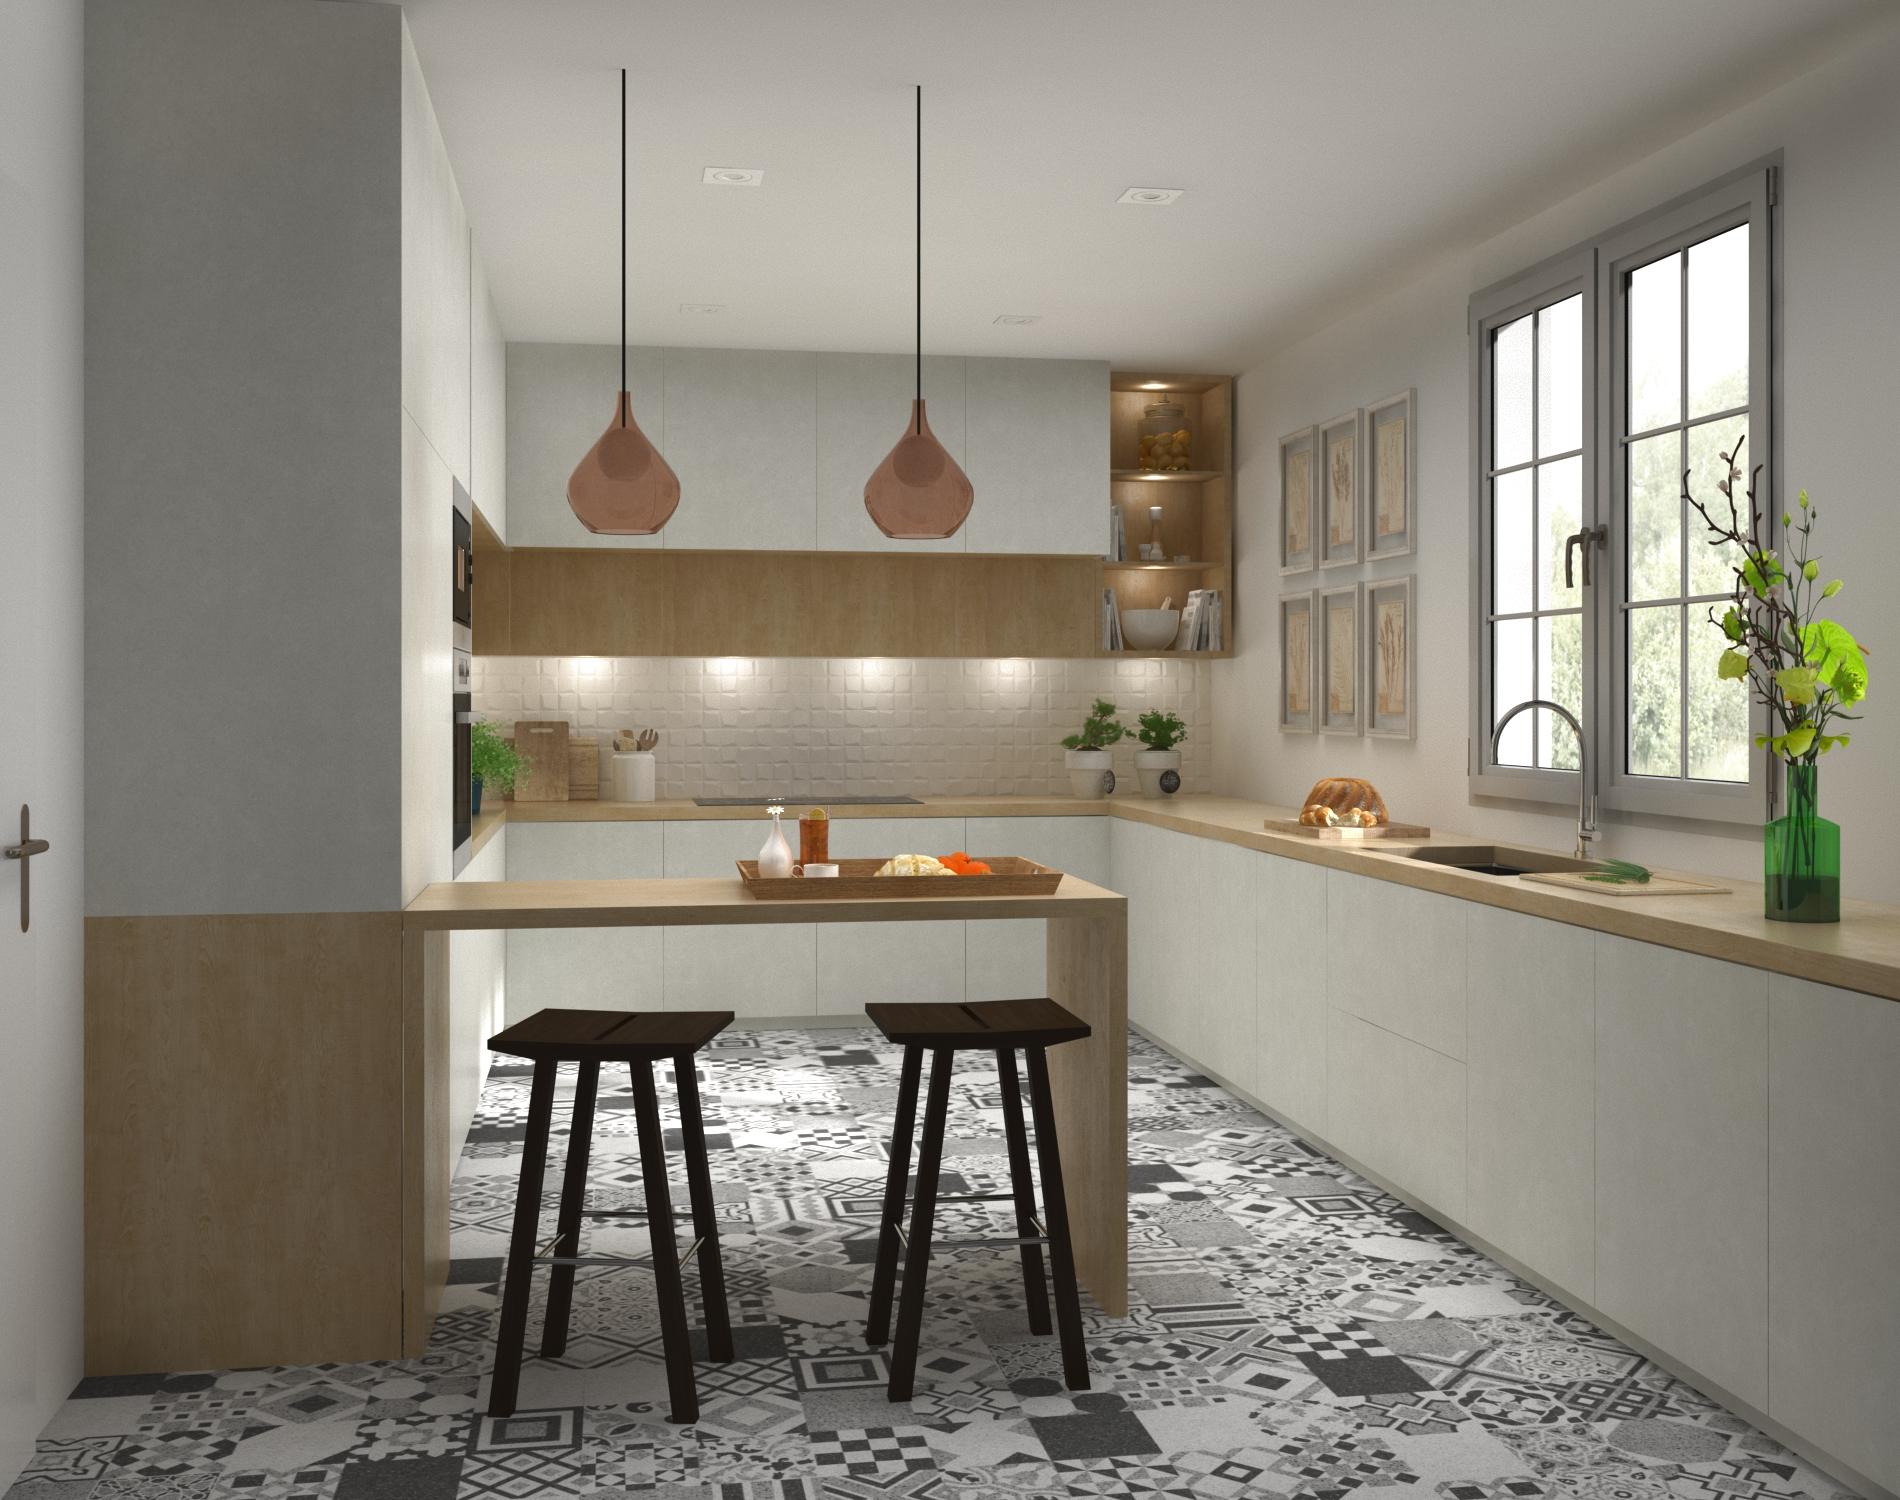 DISEÑO AMBIENTE COCINA 3D - Arquitectura y 3D Valencia - Ardis3D